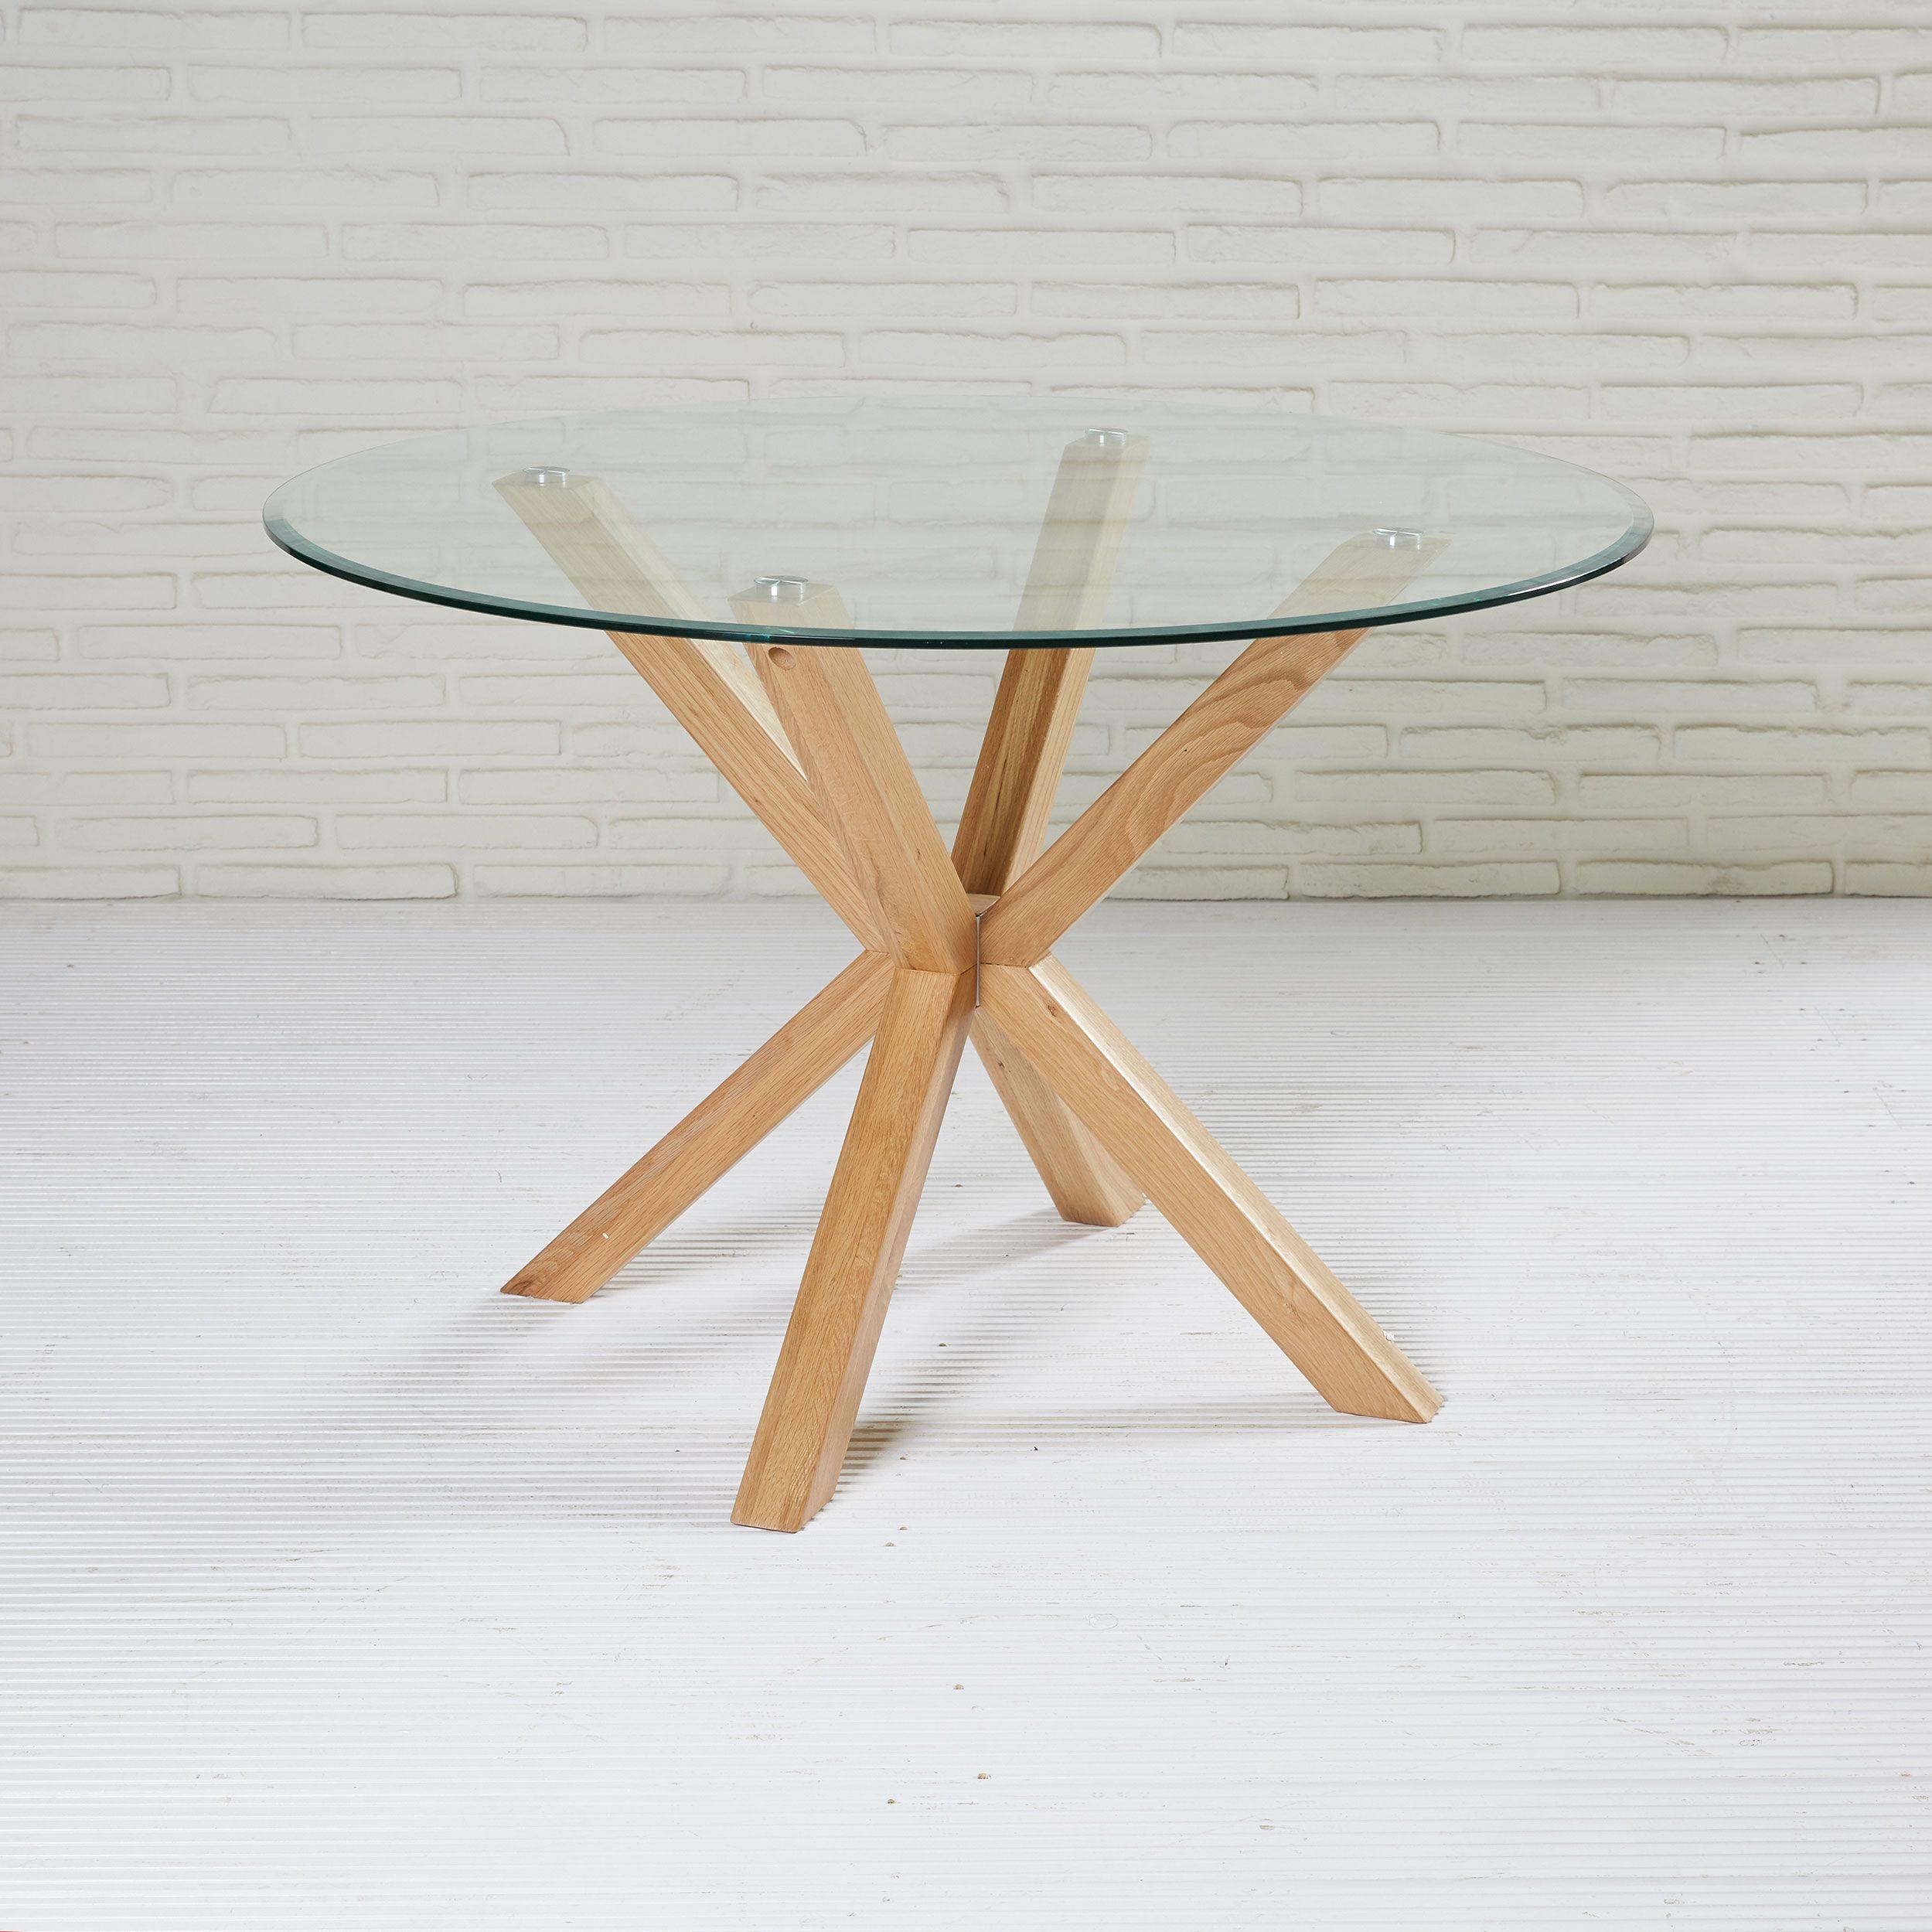 Runder Esstisch Mit Glasplatte Tisch Esstisch Esszimmertisch Glasplatte Holz Glastische Esstisch Runder Esstisch